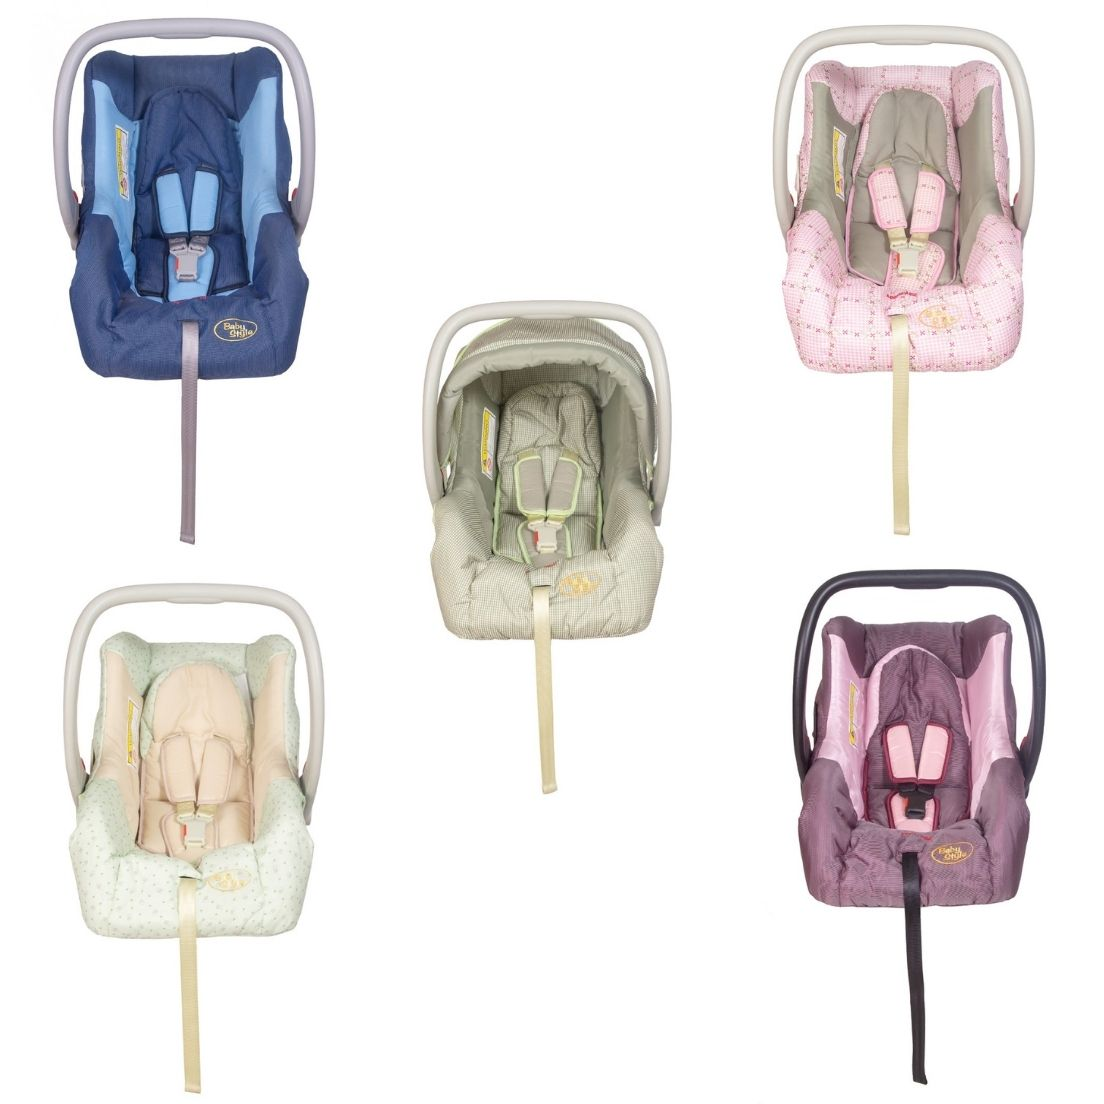 Bebê Conforto Carro Baby Style 688 Cert. Inmetro